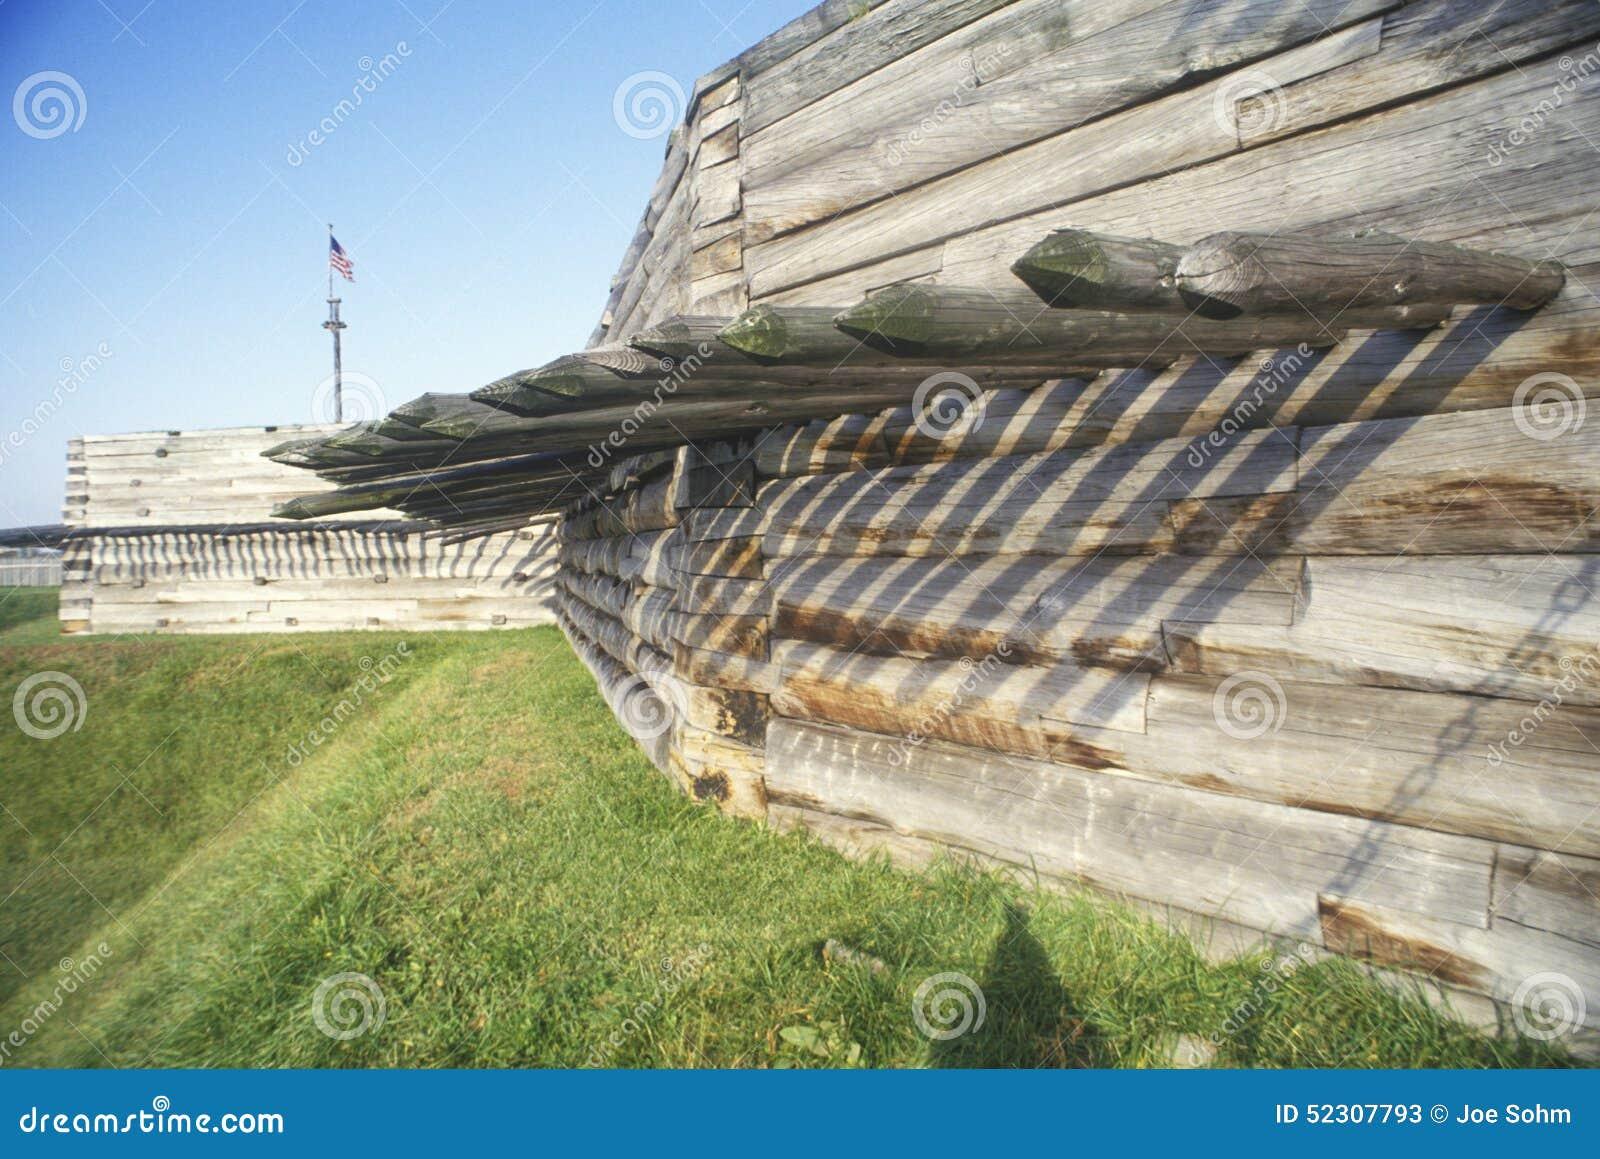 Ext rieur de monument national de stanwix de fort rome ny for Exterieur stock